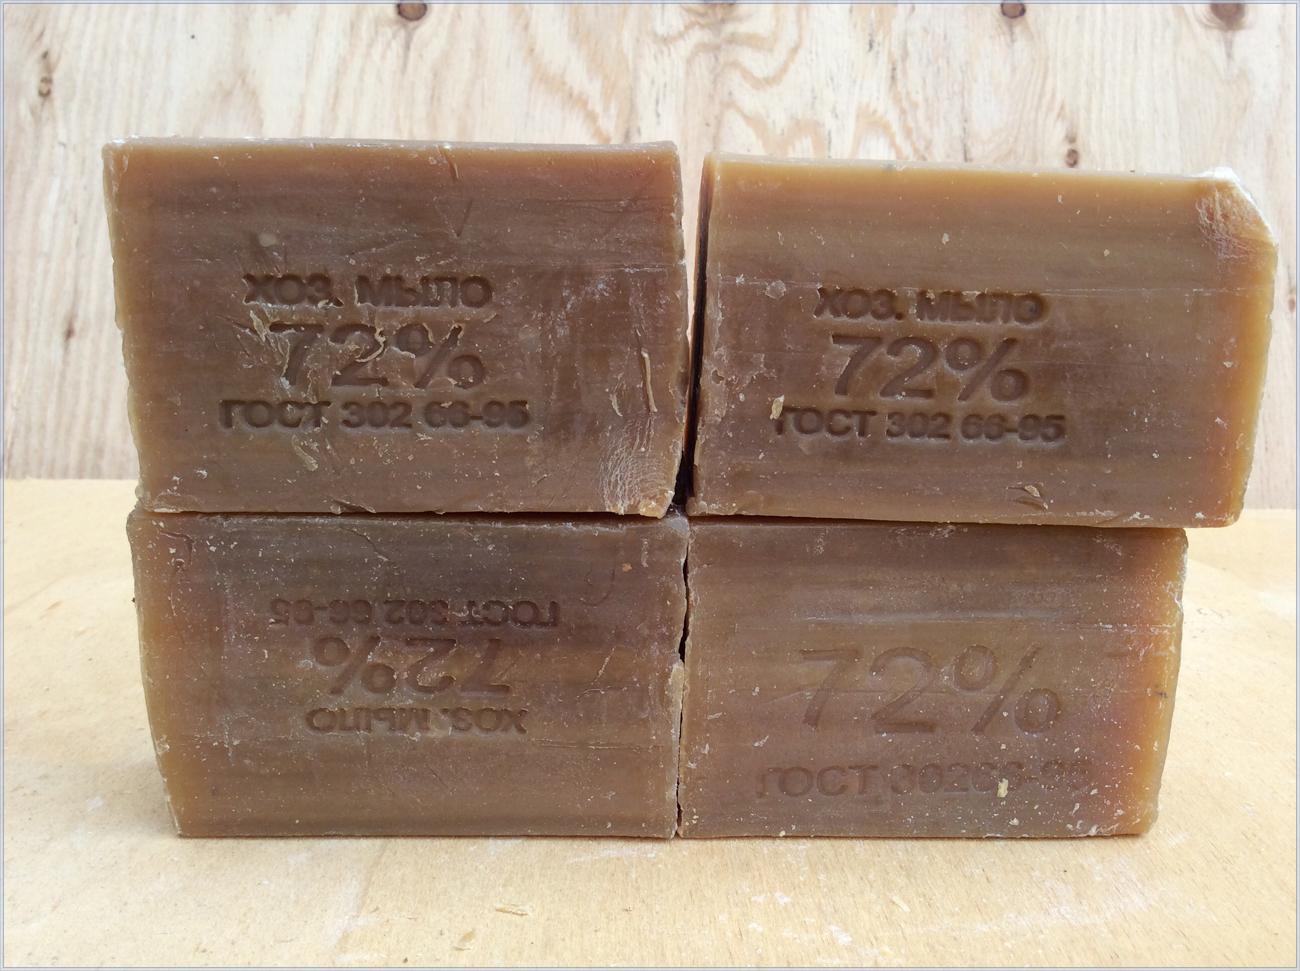 бесплатные фото кусок хозяйственного мыла вдруг